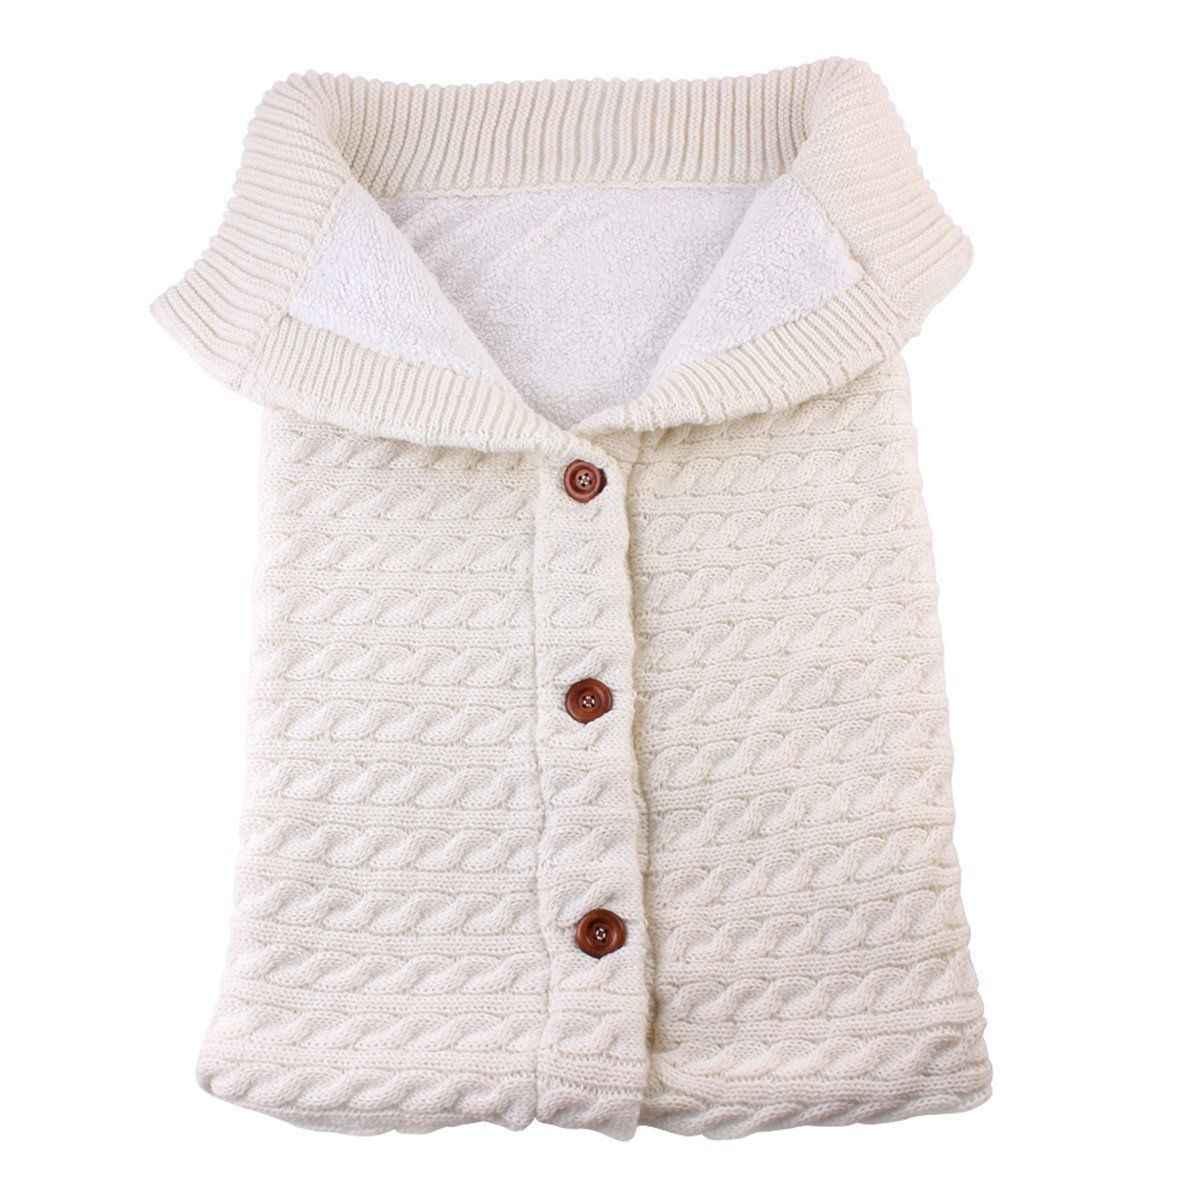 Зимние теплые спальные мешки для новорожденных; вязаная Пеленка на пуговицах для младенцев; пеленка для коляски; одеяло для малышей; спальные мешки